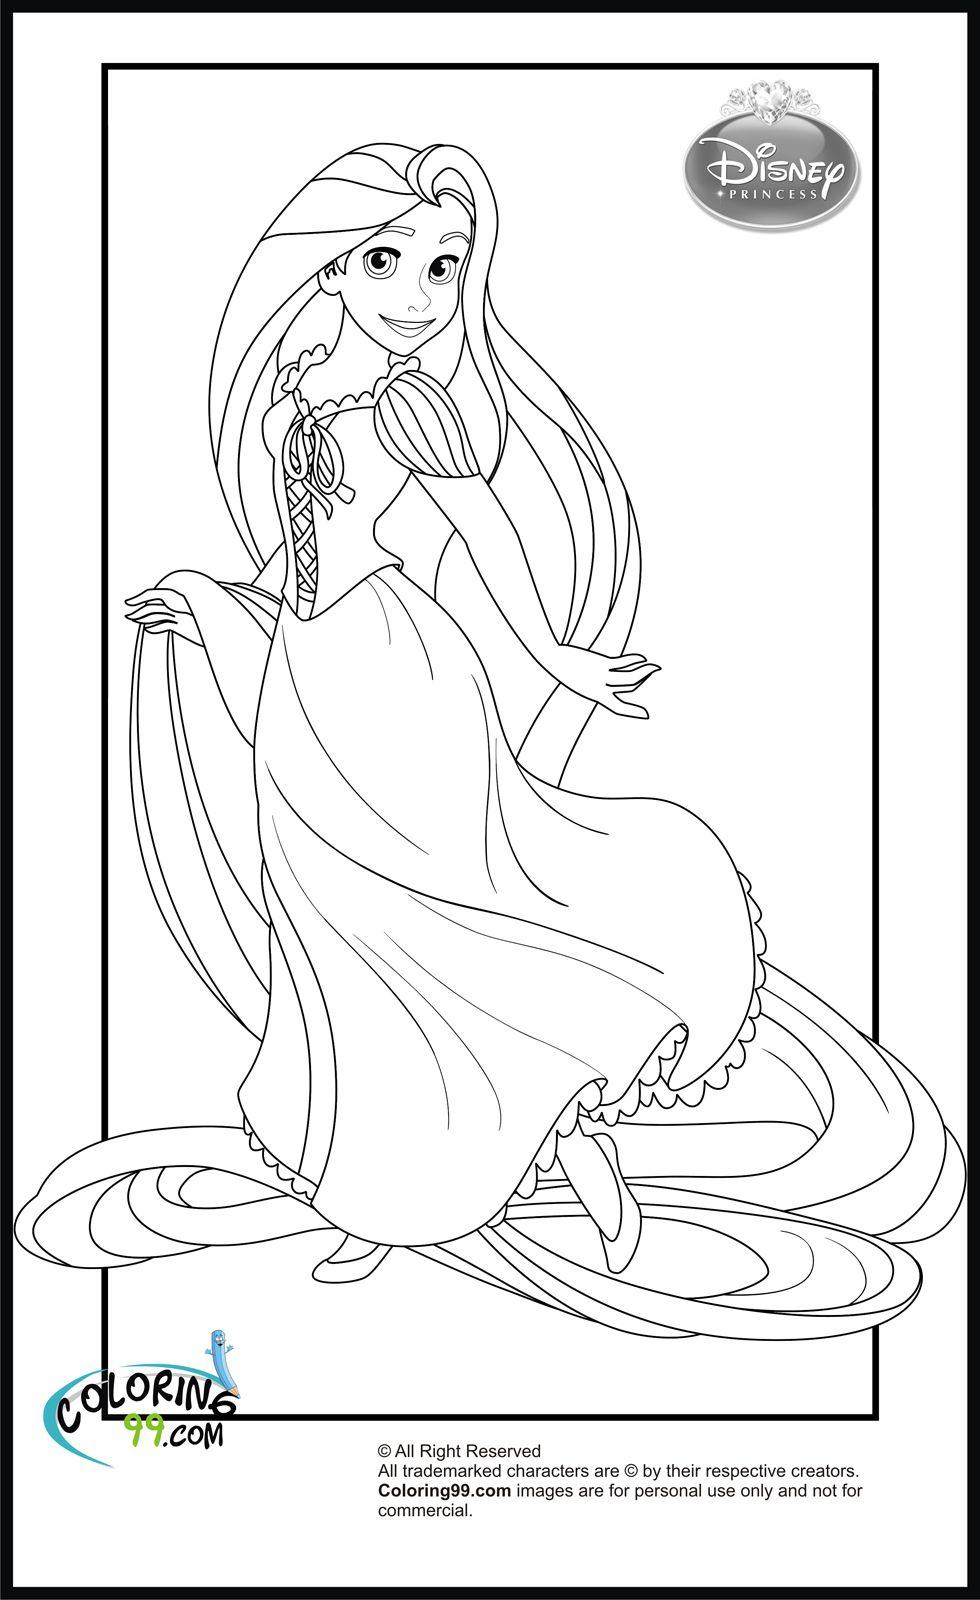 disney princess rapunzel coloring pages edl - Rapunzel Coloring Pages To Print